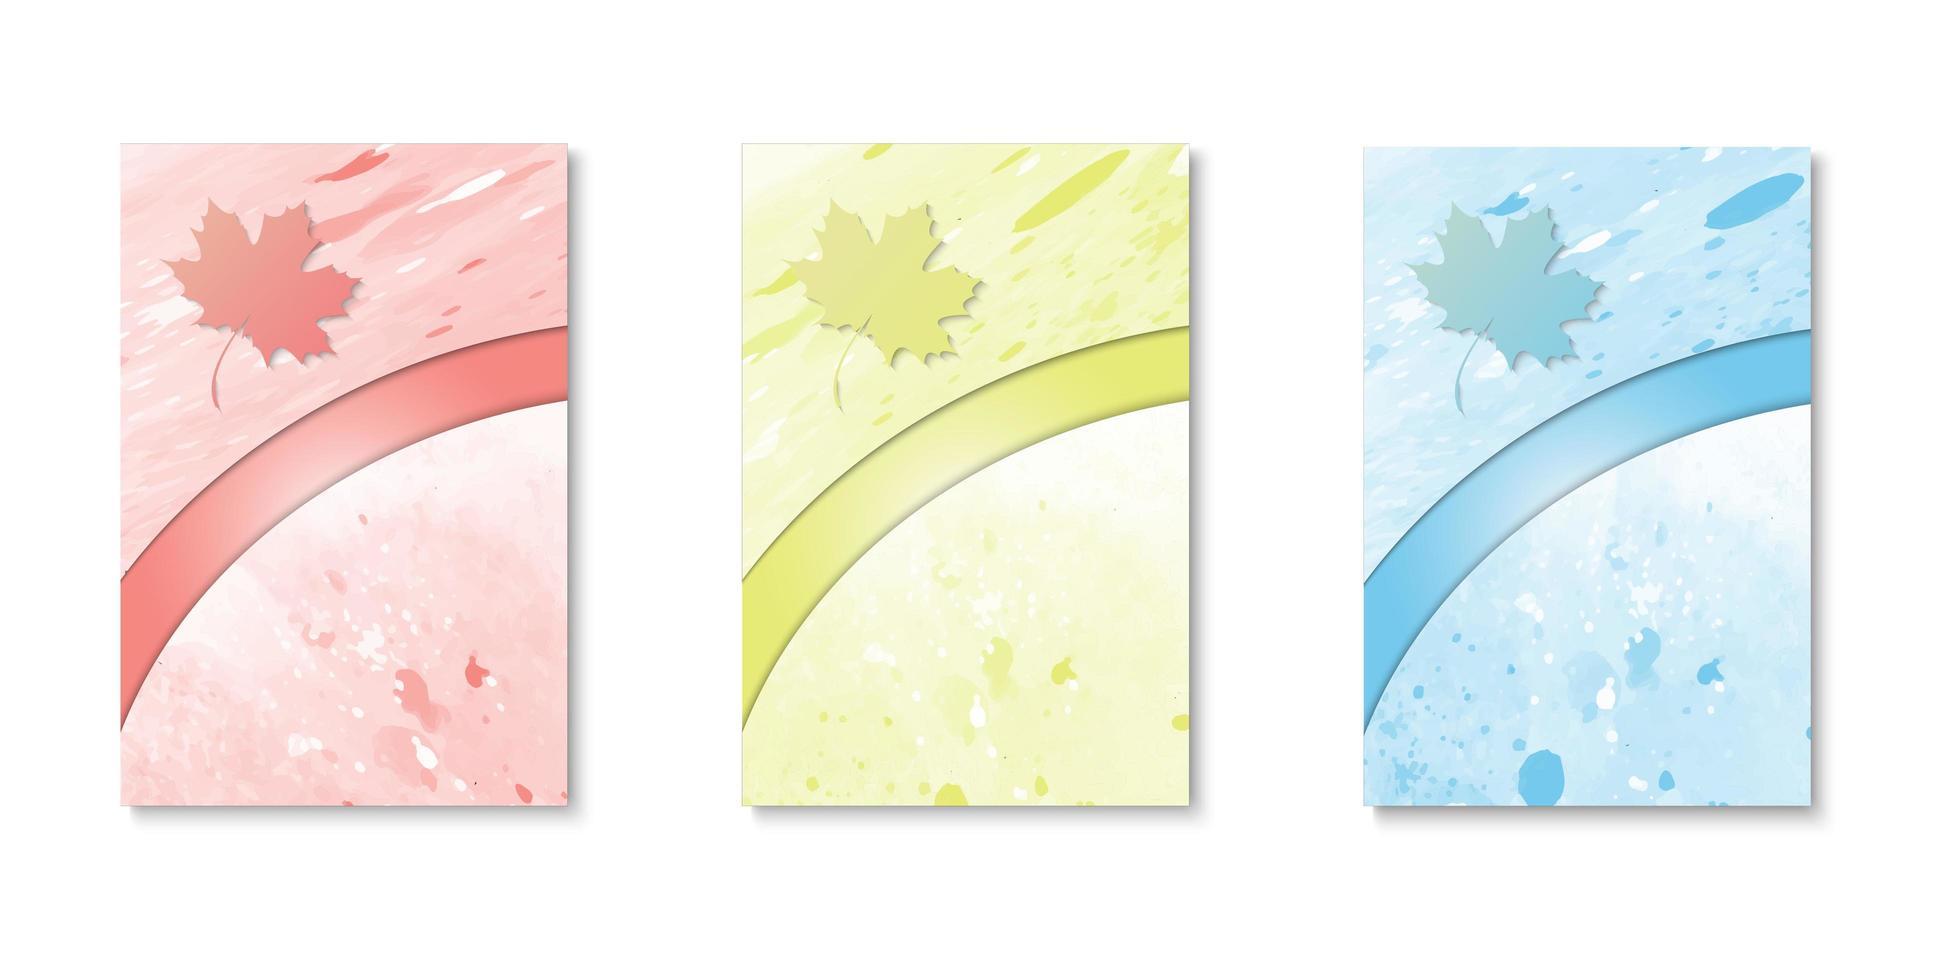 conjunto de cubiertas de acuarela de borde curvo de hoja cortada de papel vector